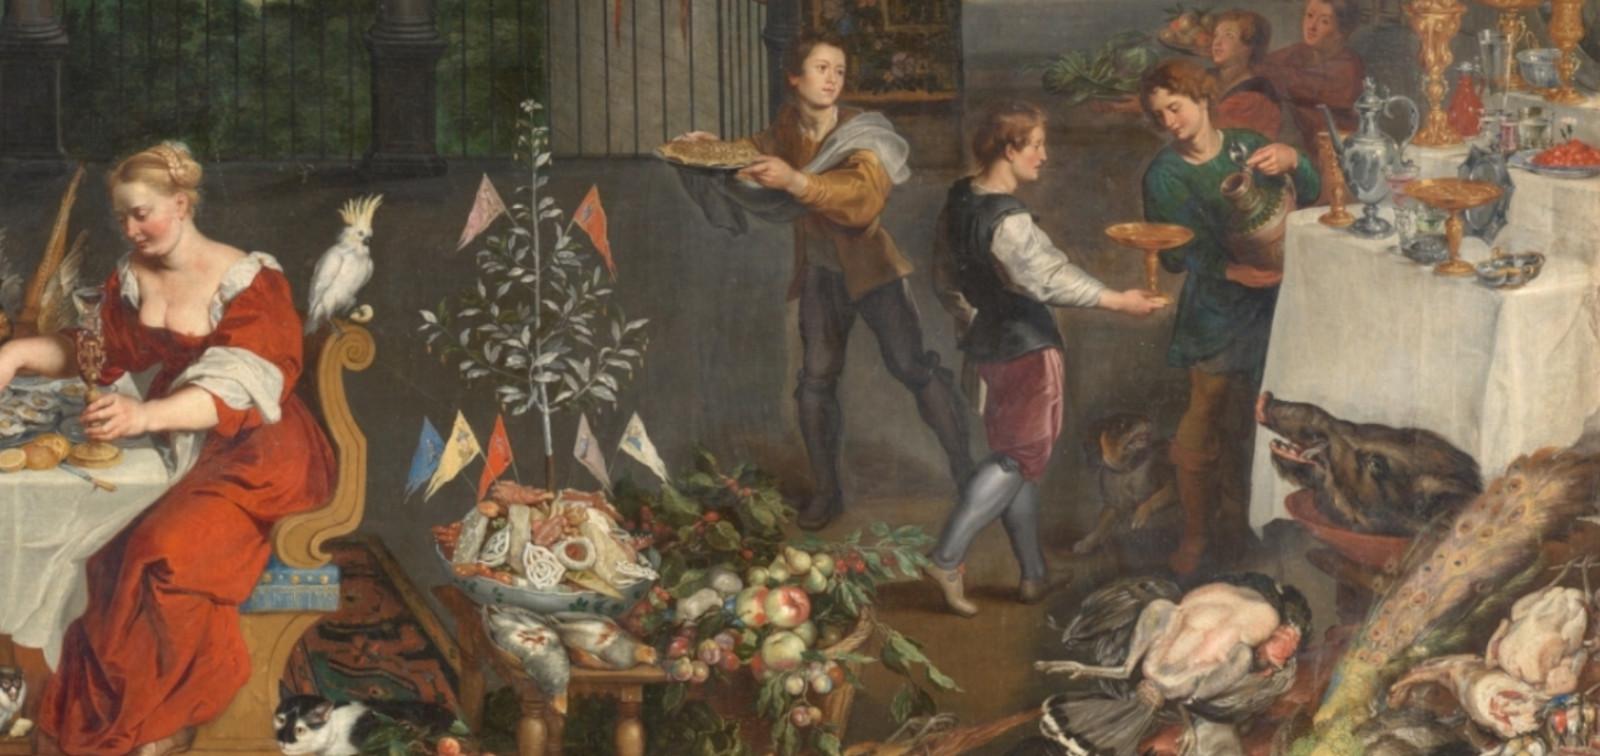 De admirable hechura. Esculturas de azúcar y lino en los banquetes reales